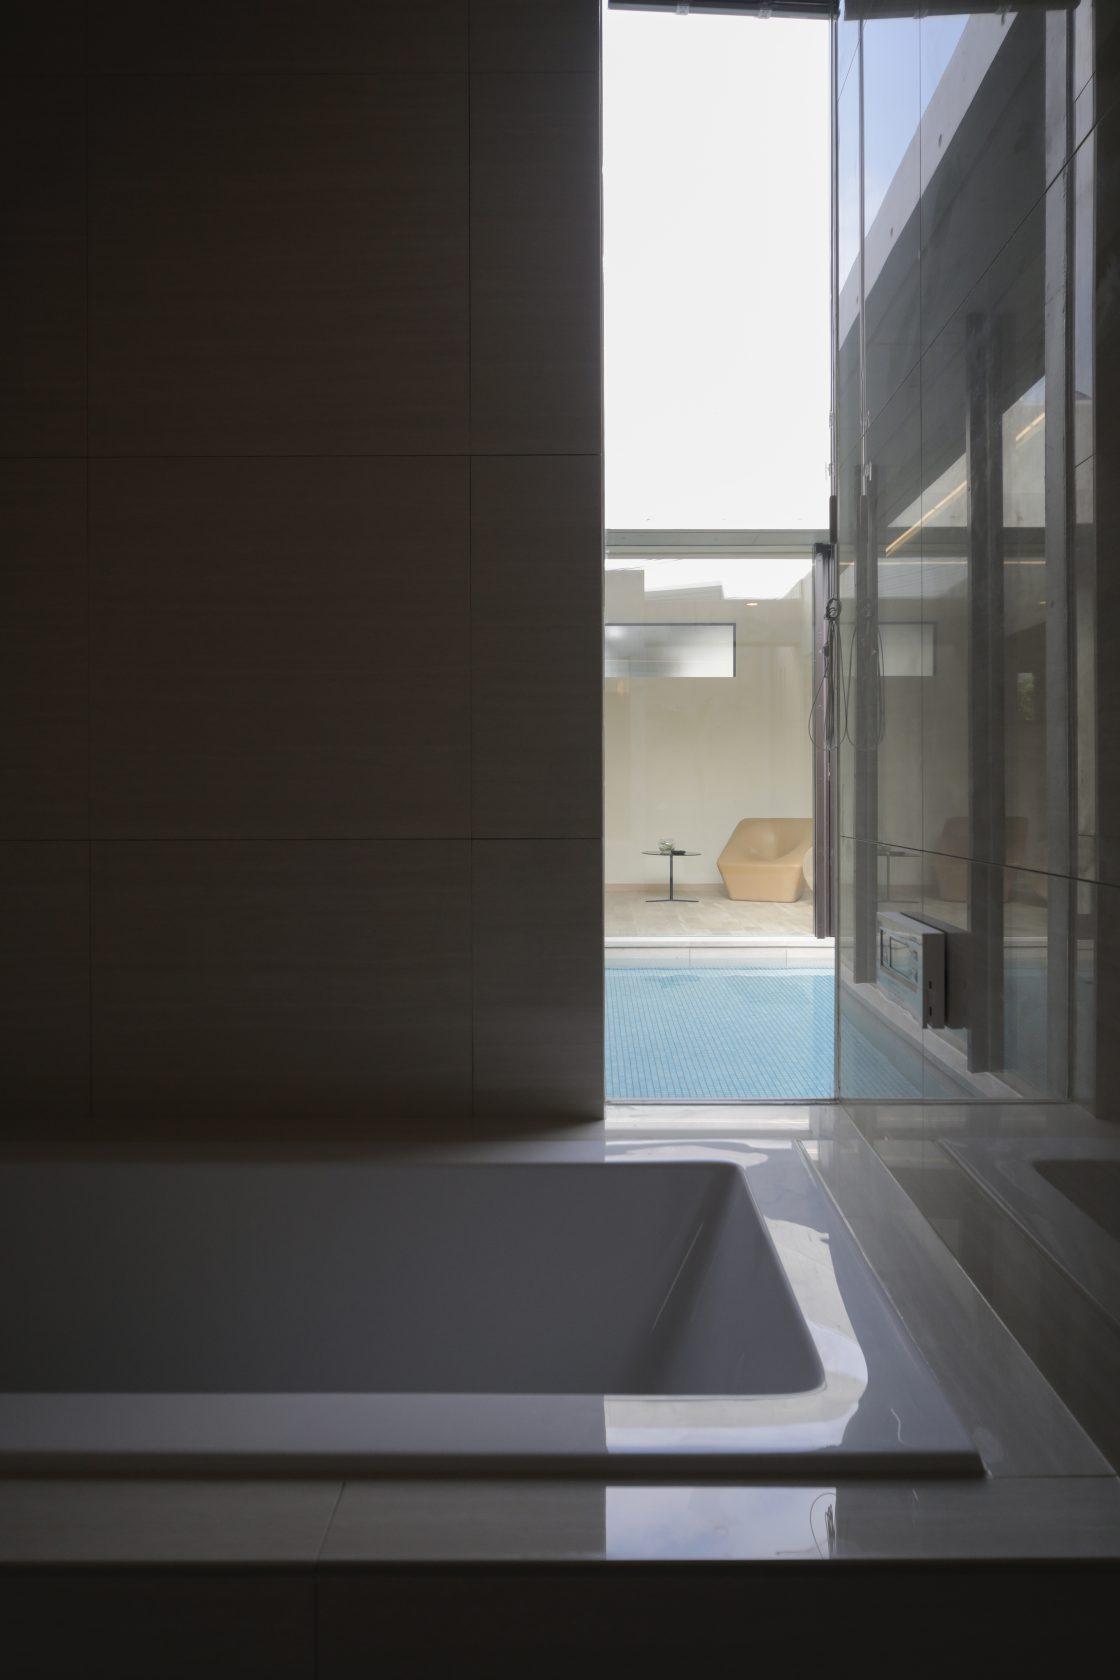 MOLSの中央に水盤がきらめく平屋の住まい実例写真